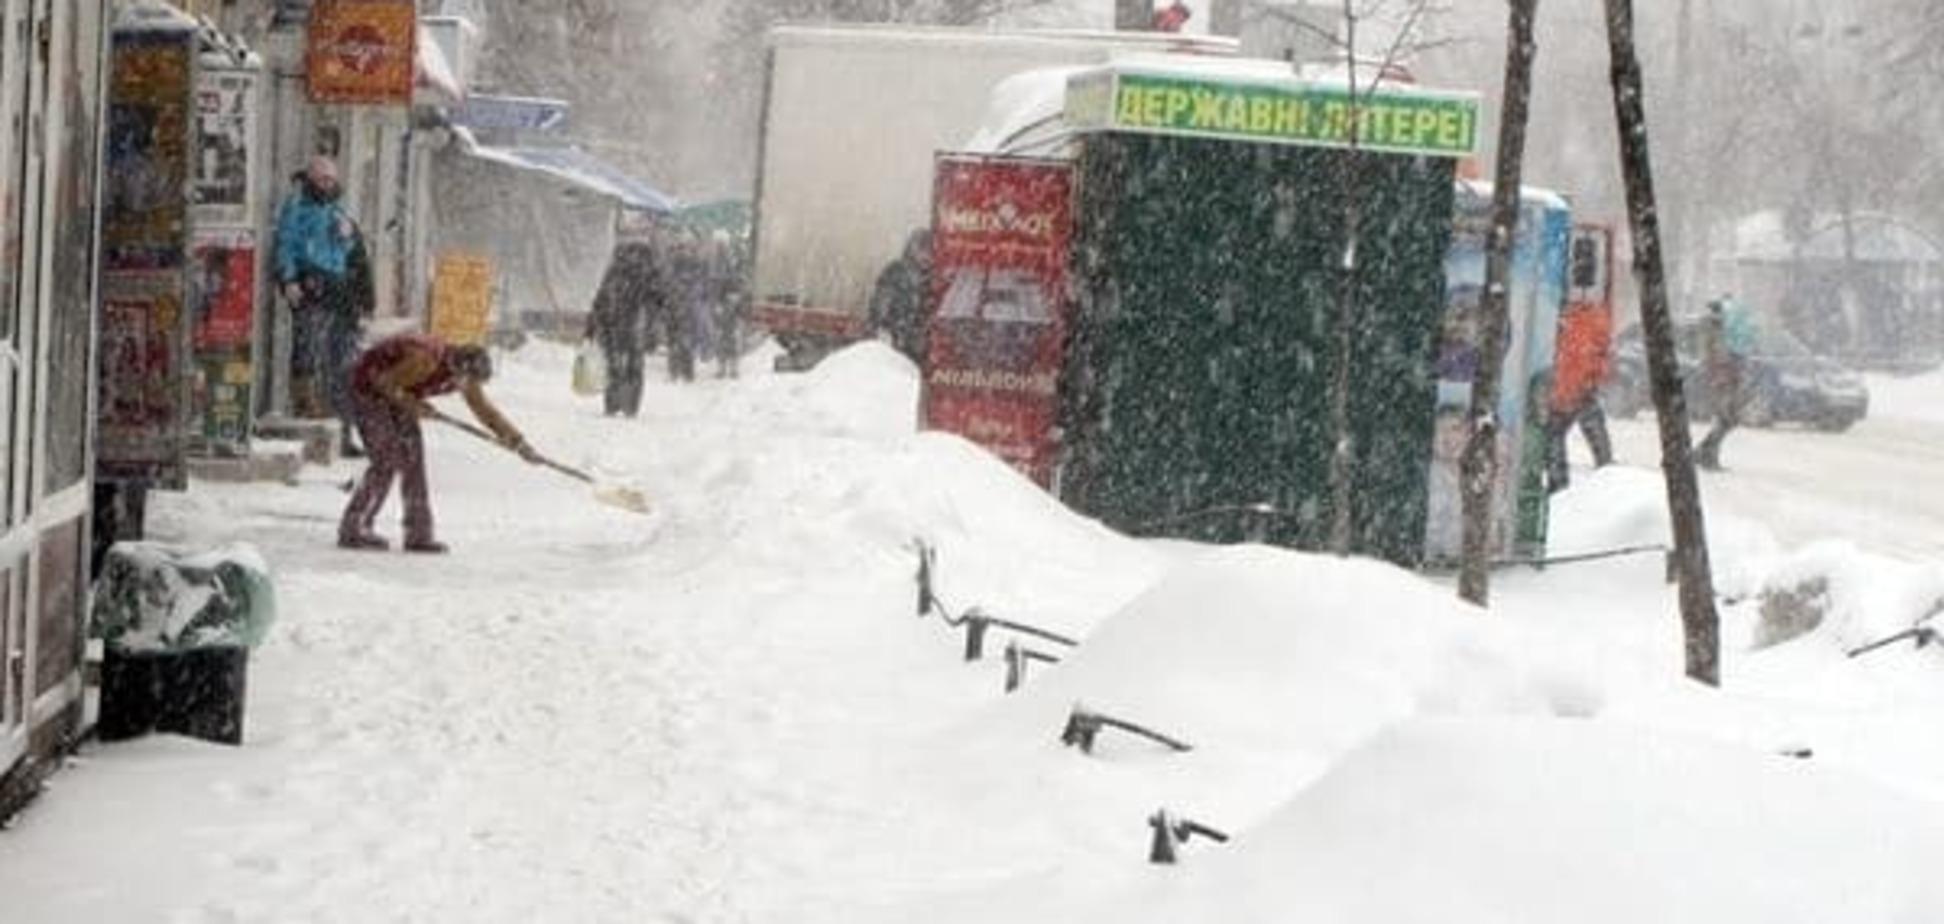 Киевским водителям в помощь: о снегопаде предупредят по СМС